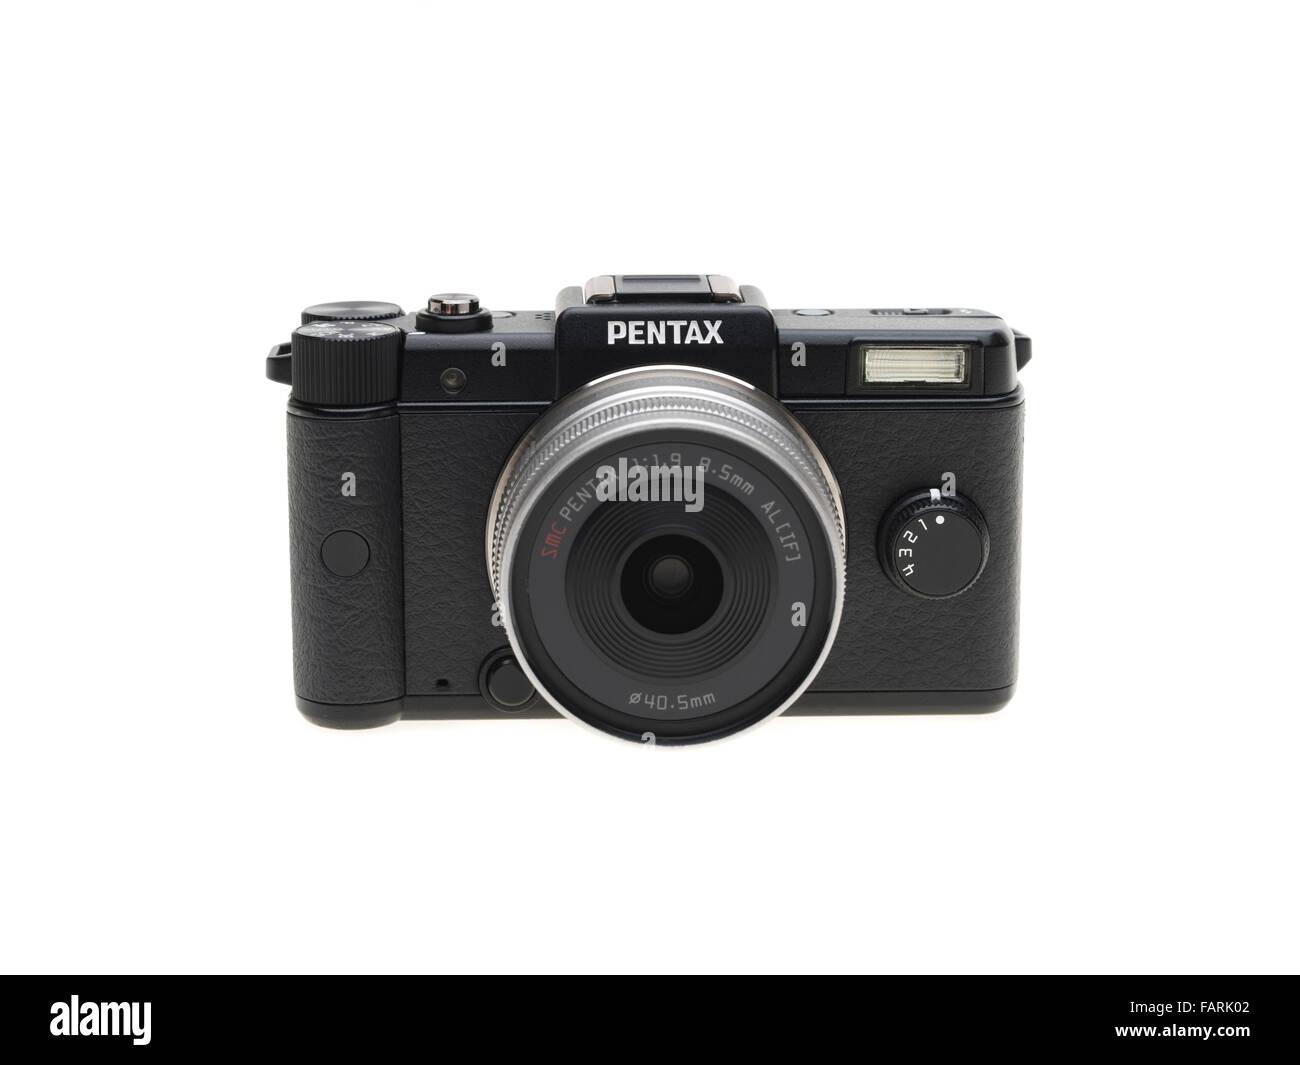 Pentax Q un minuscolo mirrorless la fotocamera digitale a obiettivo intercambiabile introdotto nel 2011 Immagini Stock